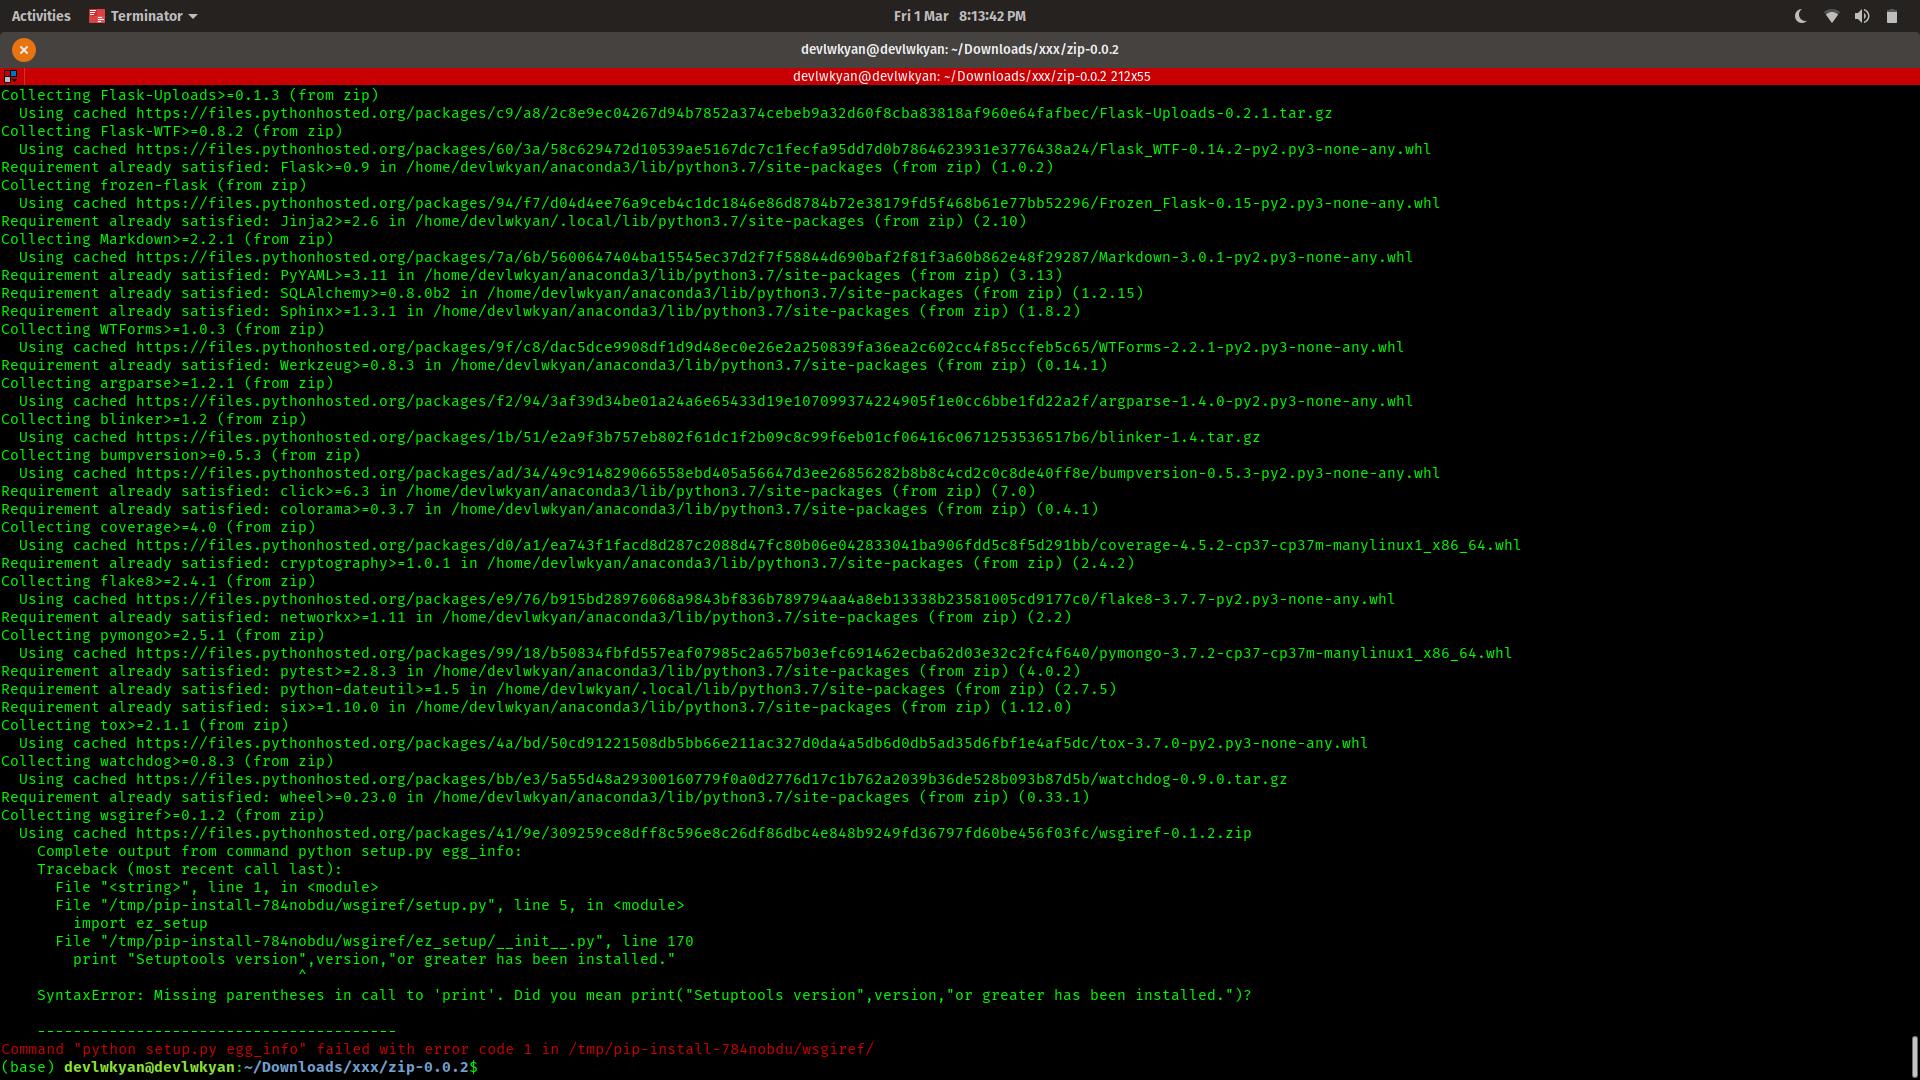 python setup.py egg_info failed with error code 1 rpy2